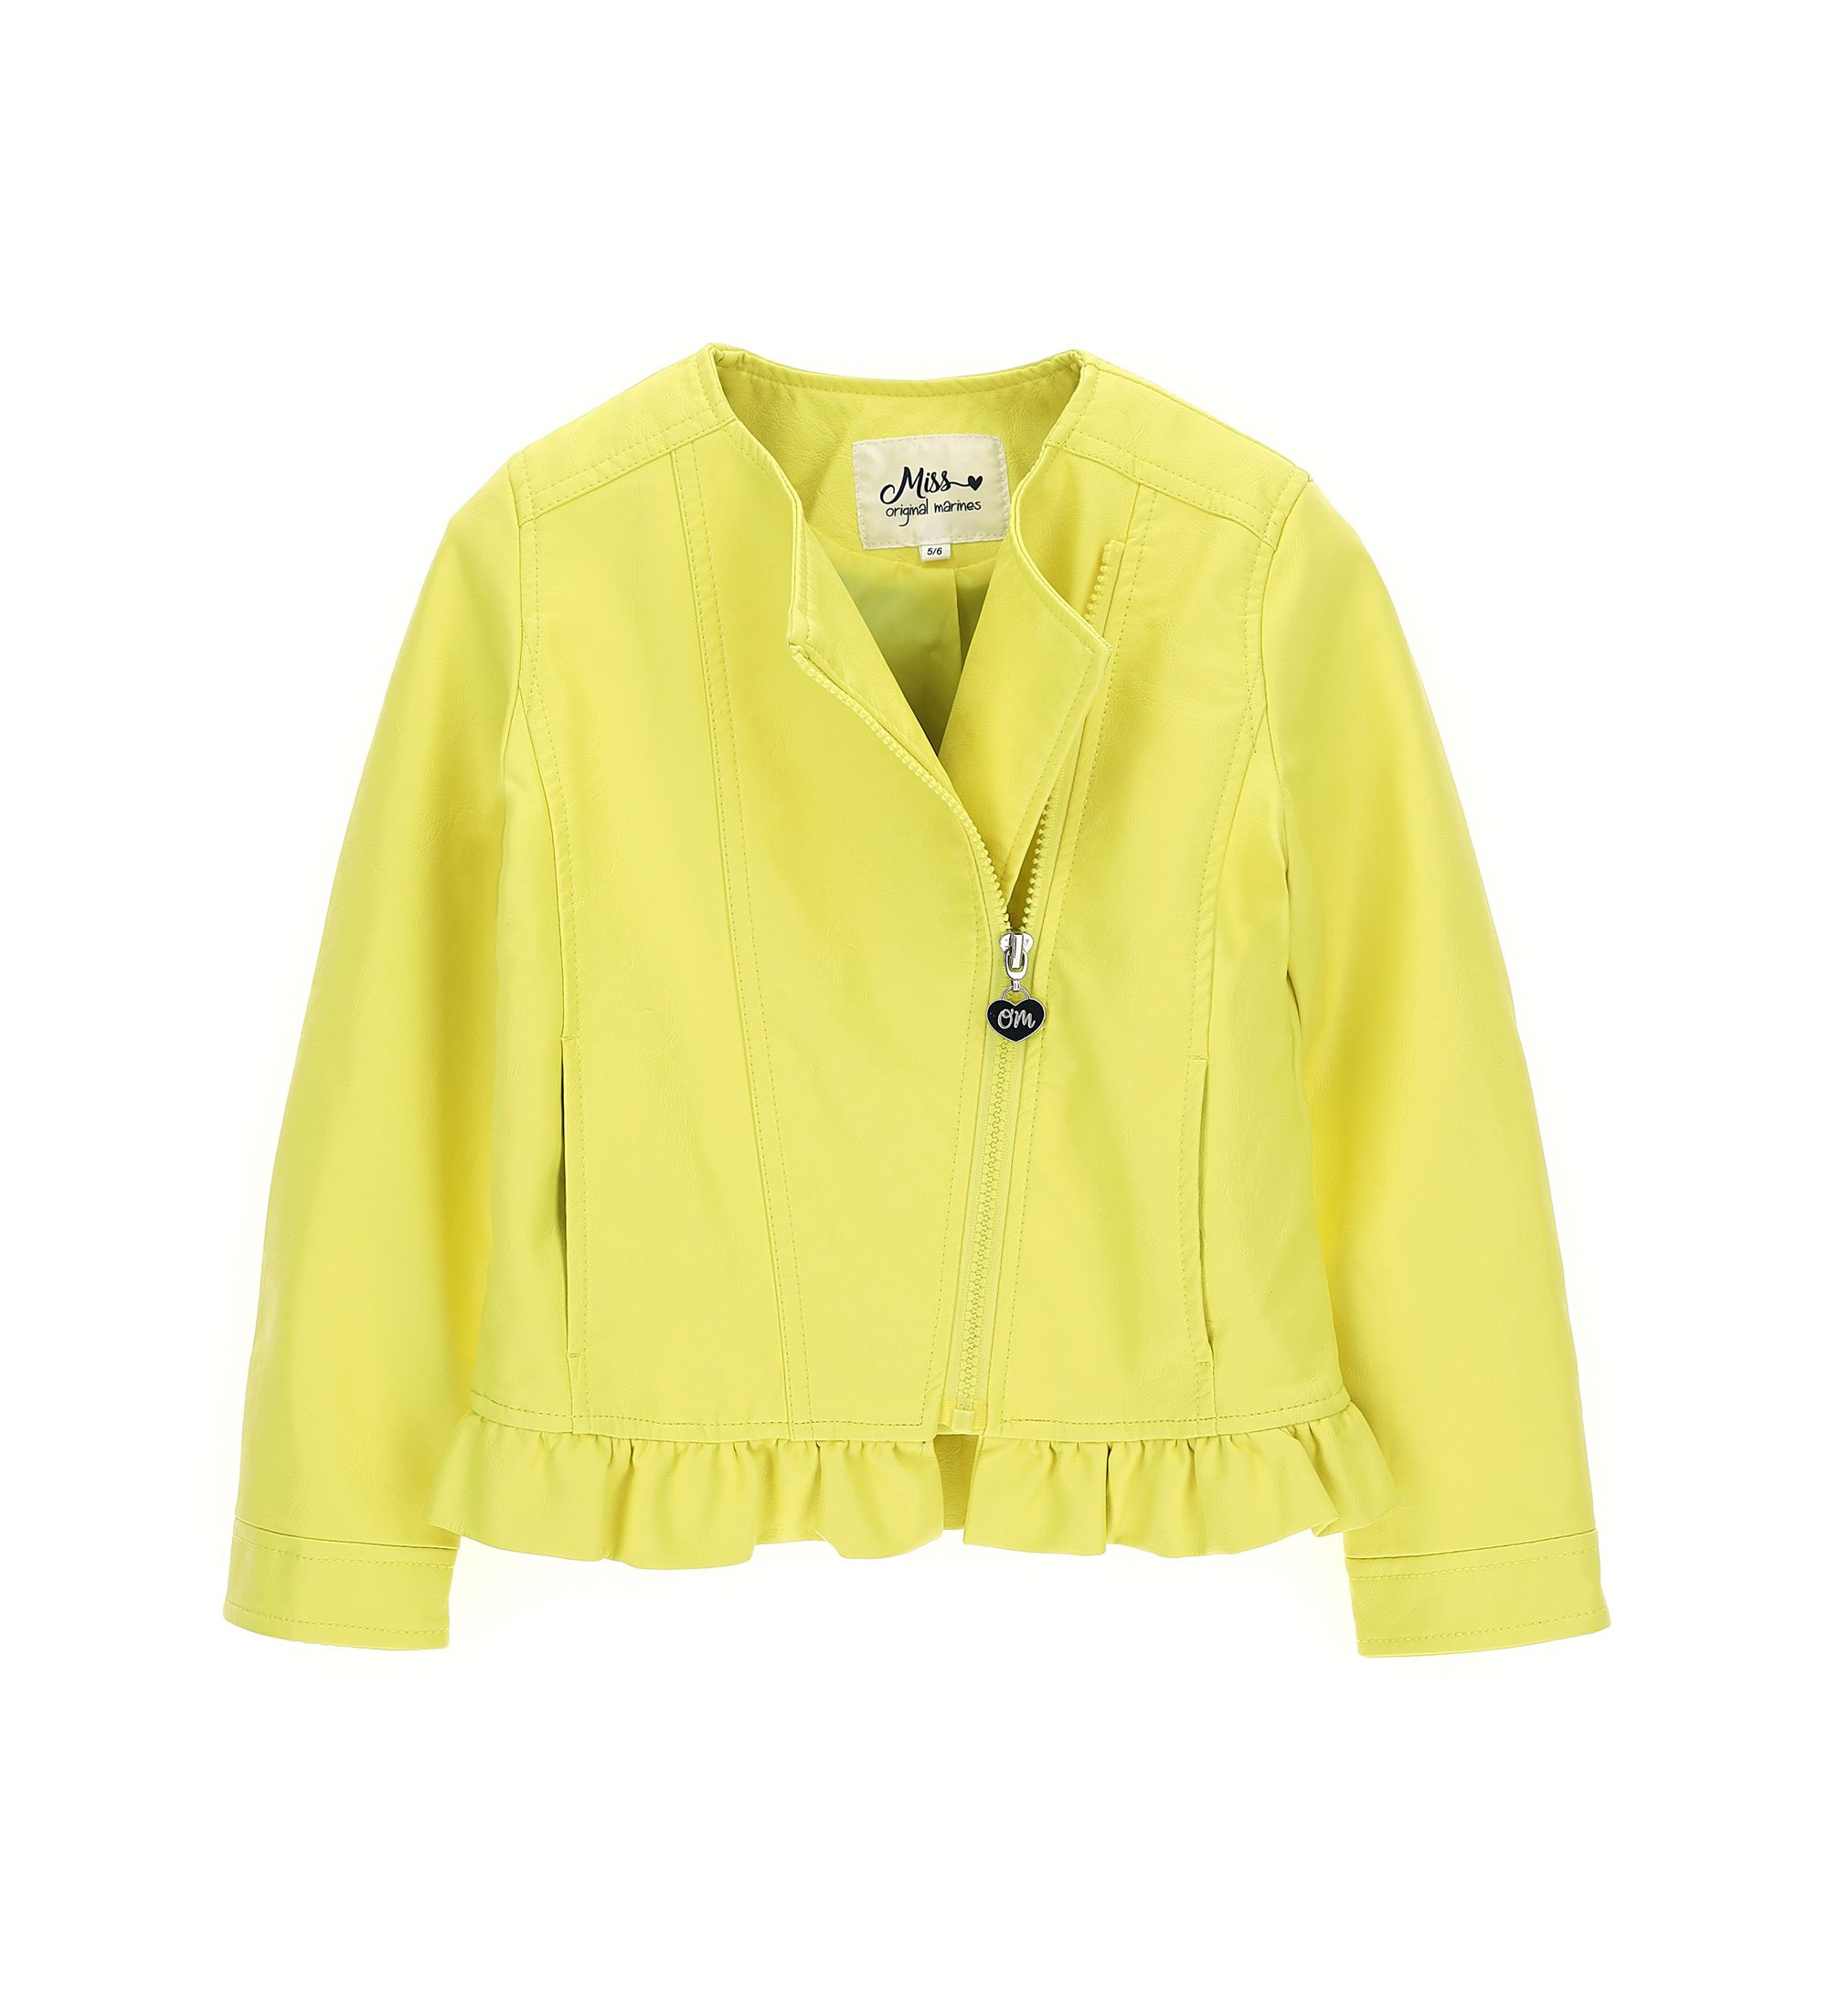 Купить Куртка, экокожа Original Marines, желтый, 152, Девочки, весна